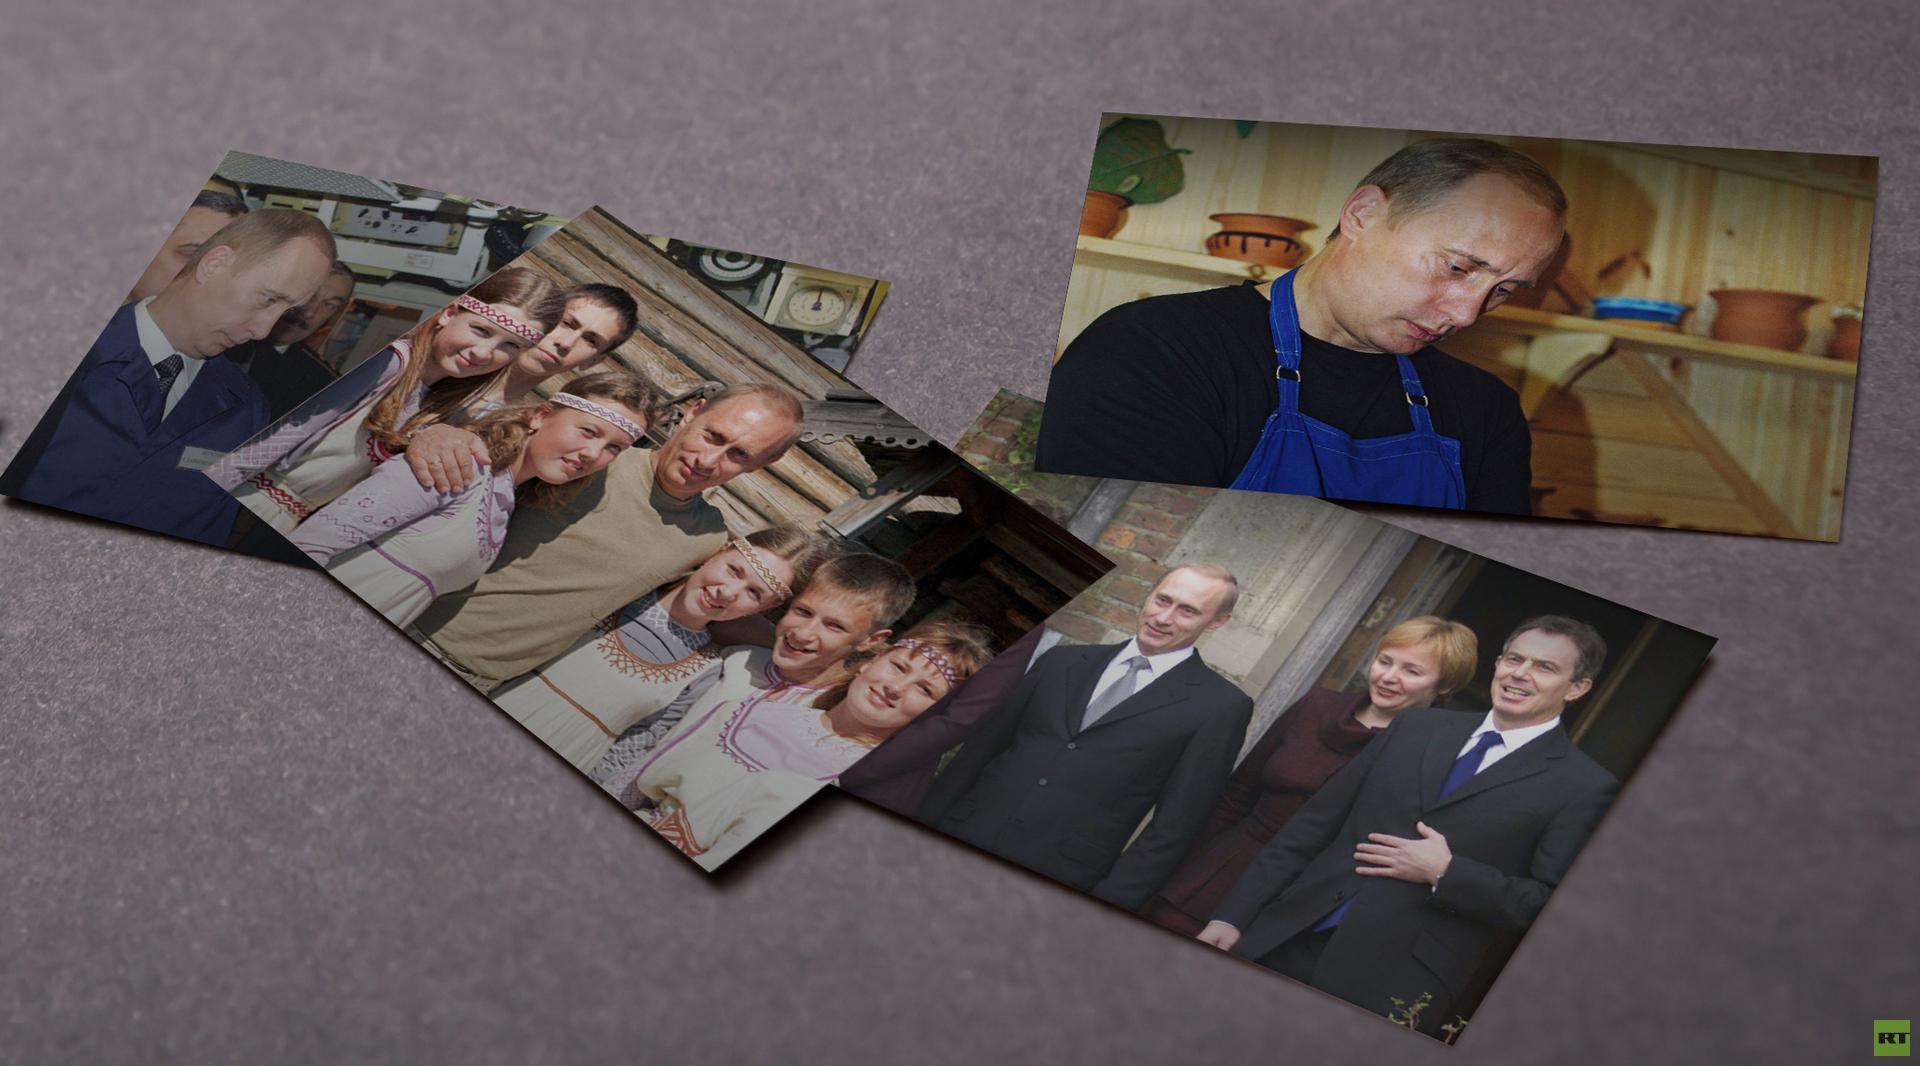 نشر أرشيف مختار من الصور والفيديو بمناسبة مرور 20 عاما على قيادة بوتين لروسيا